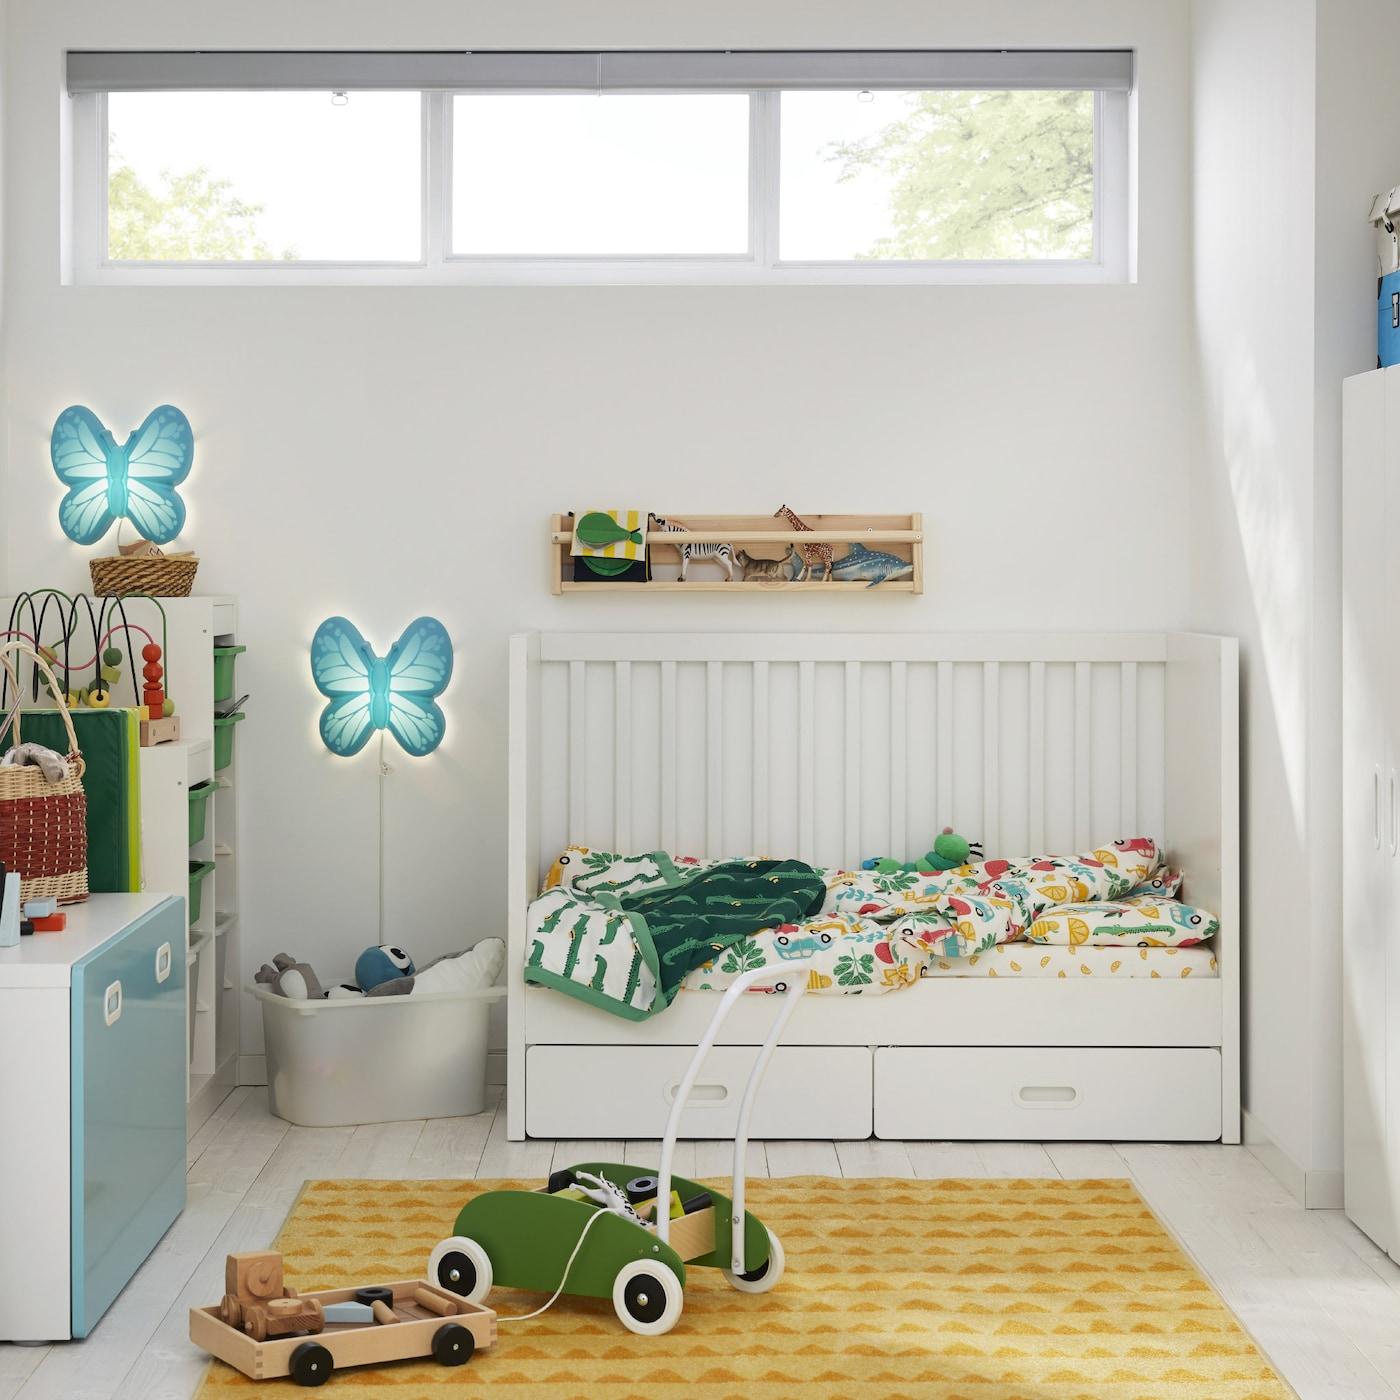 غرفة أطفال بهاسرير أطفال أبيض، وسجادة صفراء، وعربة تعليم المشي خضراء ومصباحي حائط لون أزرق شكل فراشة.